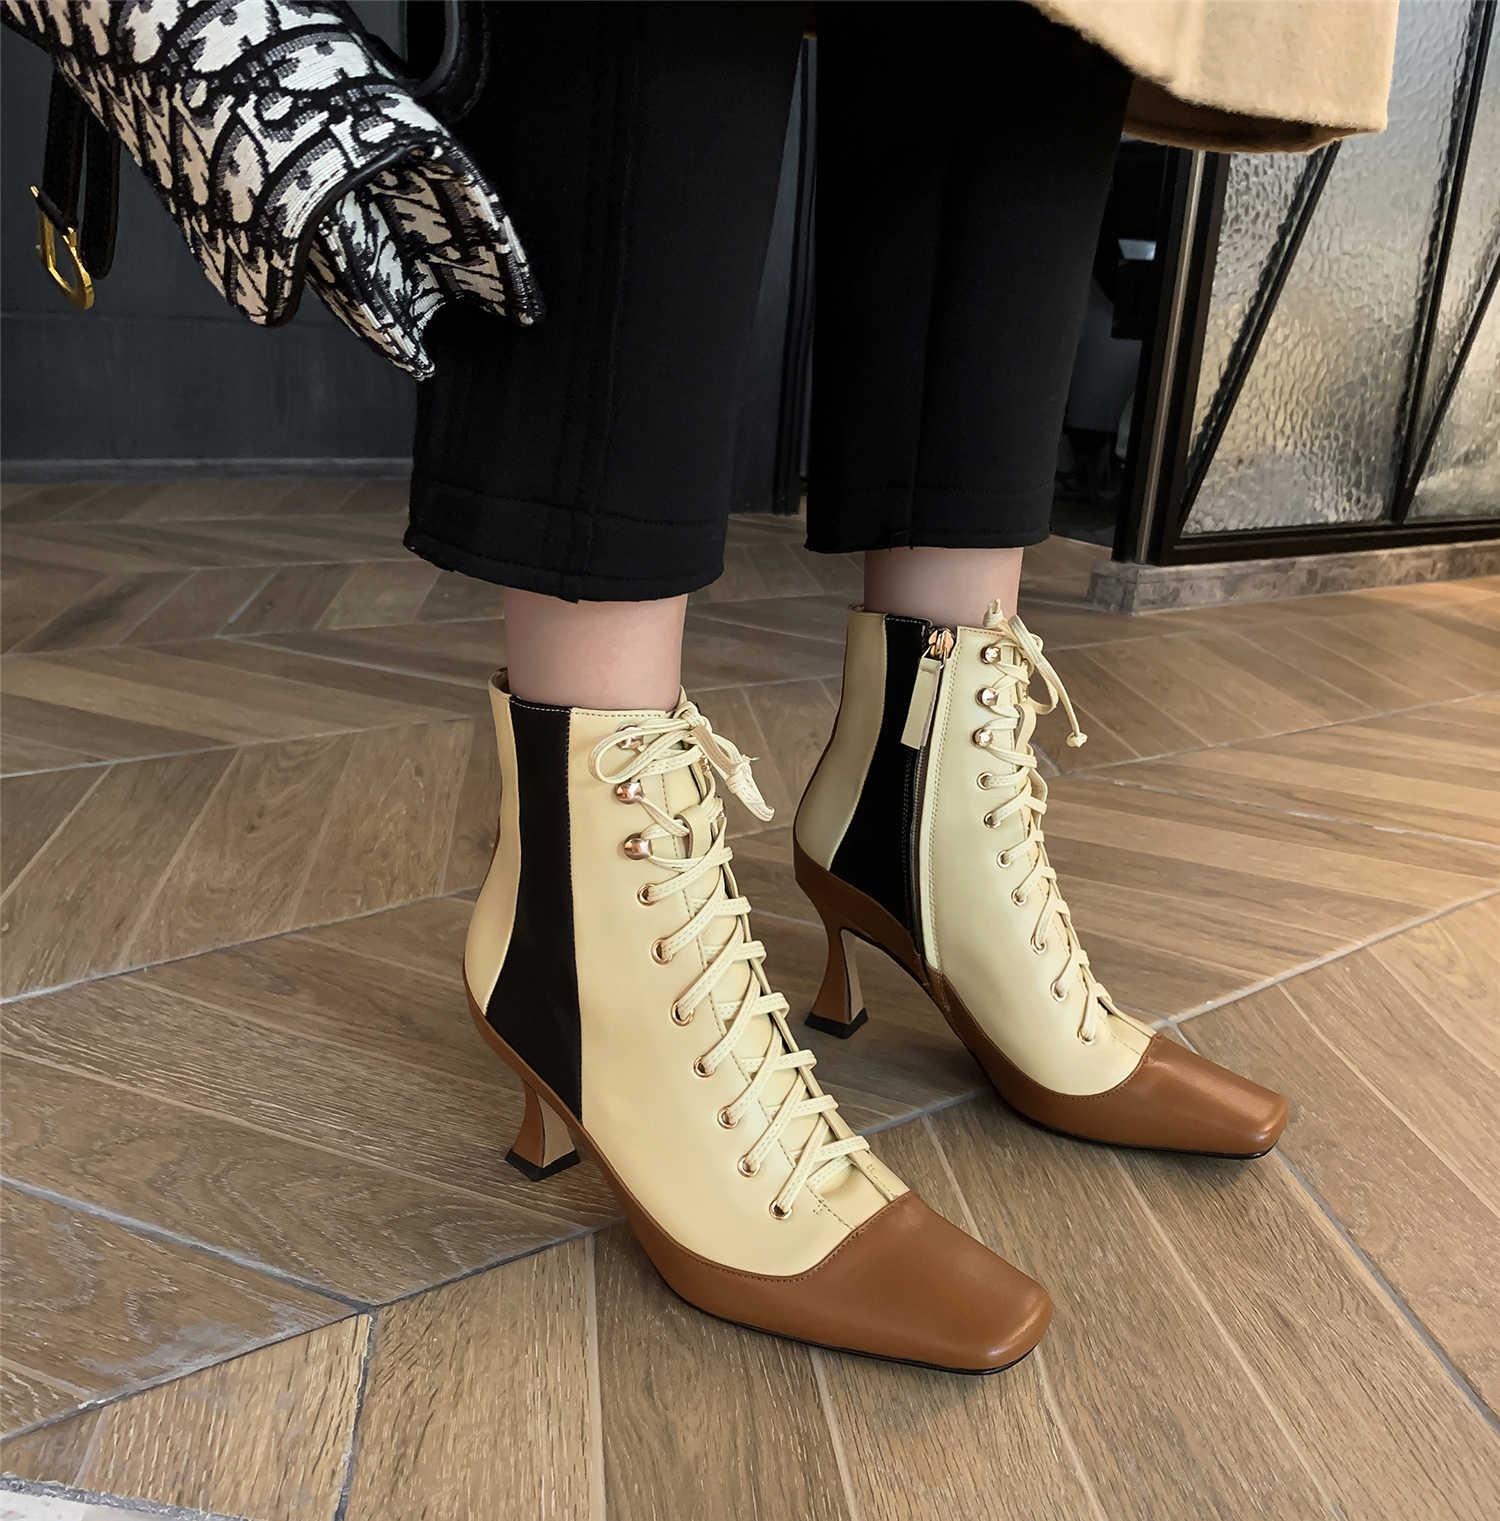 2019 sonbahar avrupa ve amerika birleşik devletleri yeni kadın kare kafa yüksek topuklu çıplak çizmeler fermuar çizmeler